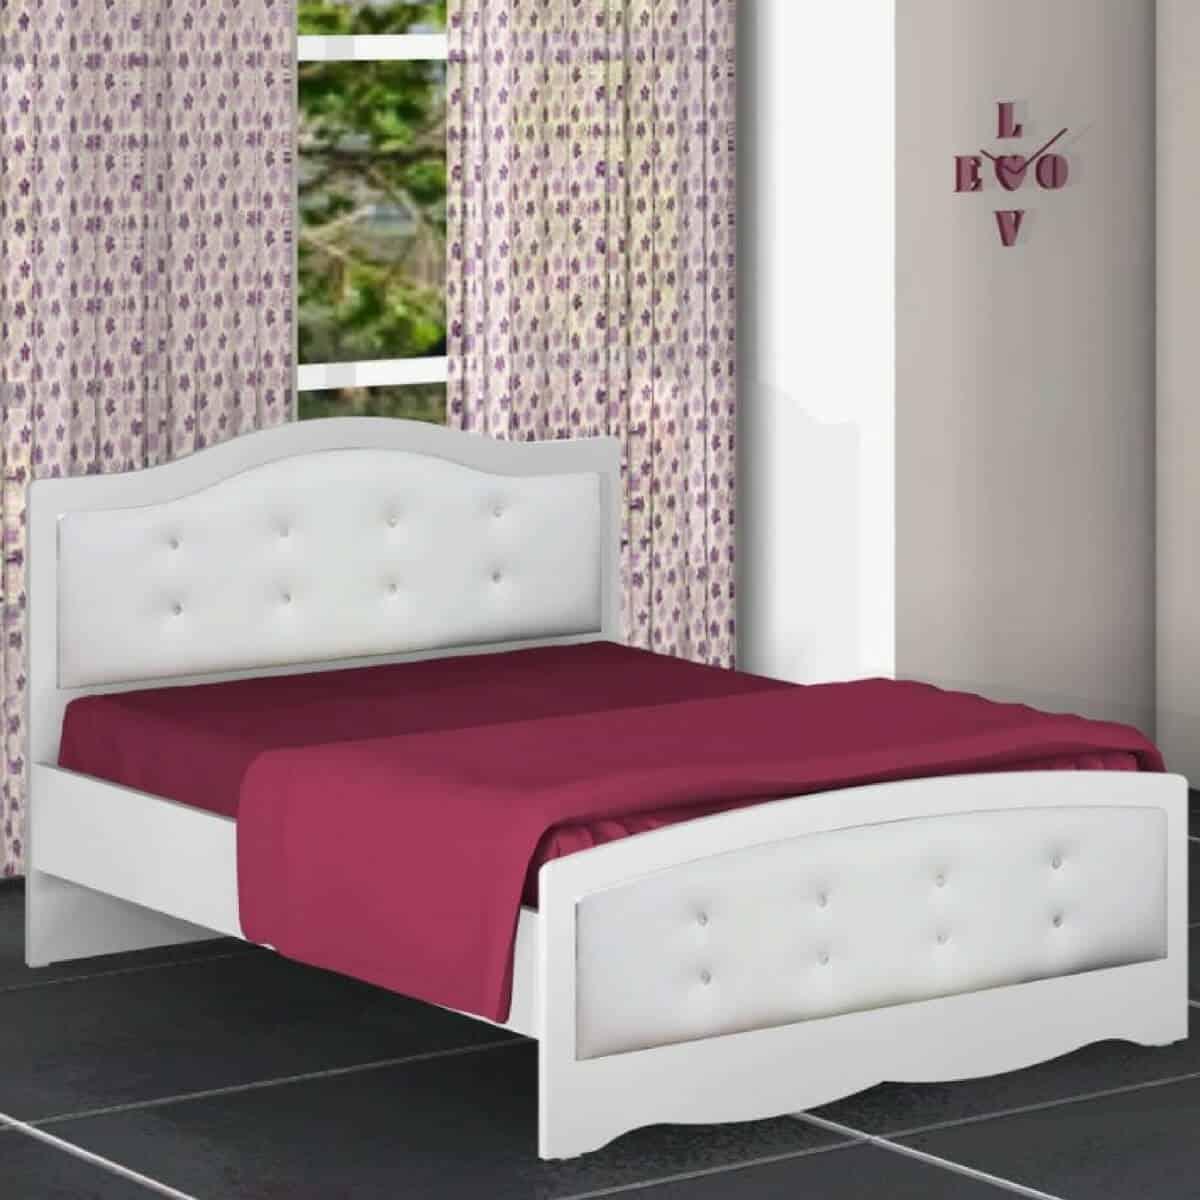 טוב מאוד מיטה וחצי דגם נסיכה ר.א במחיר הכי אטרקטיבי ועוד סוגים מגוונים-לילך HU-12